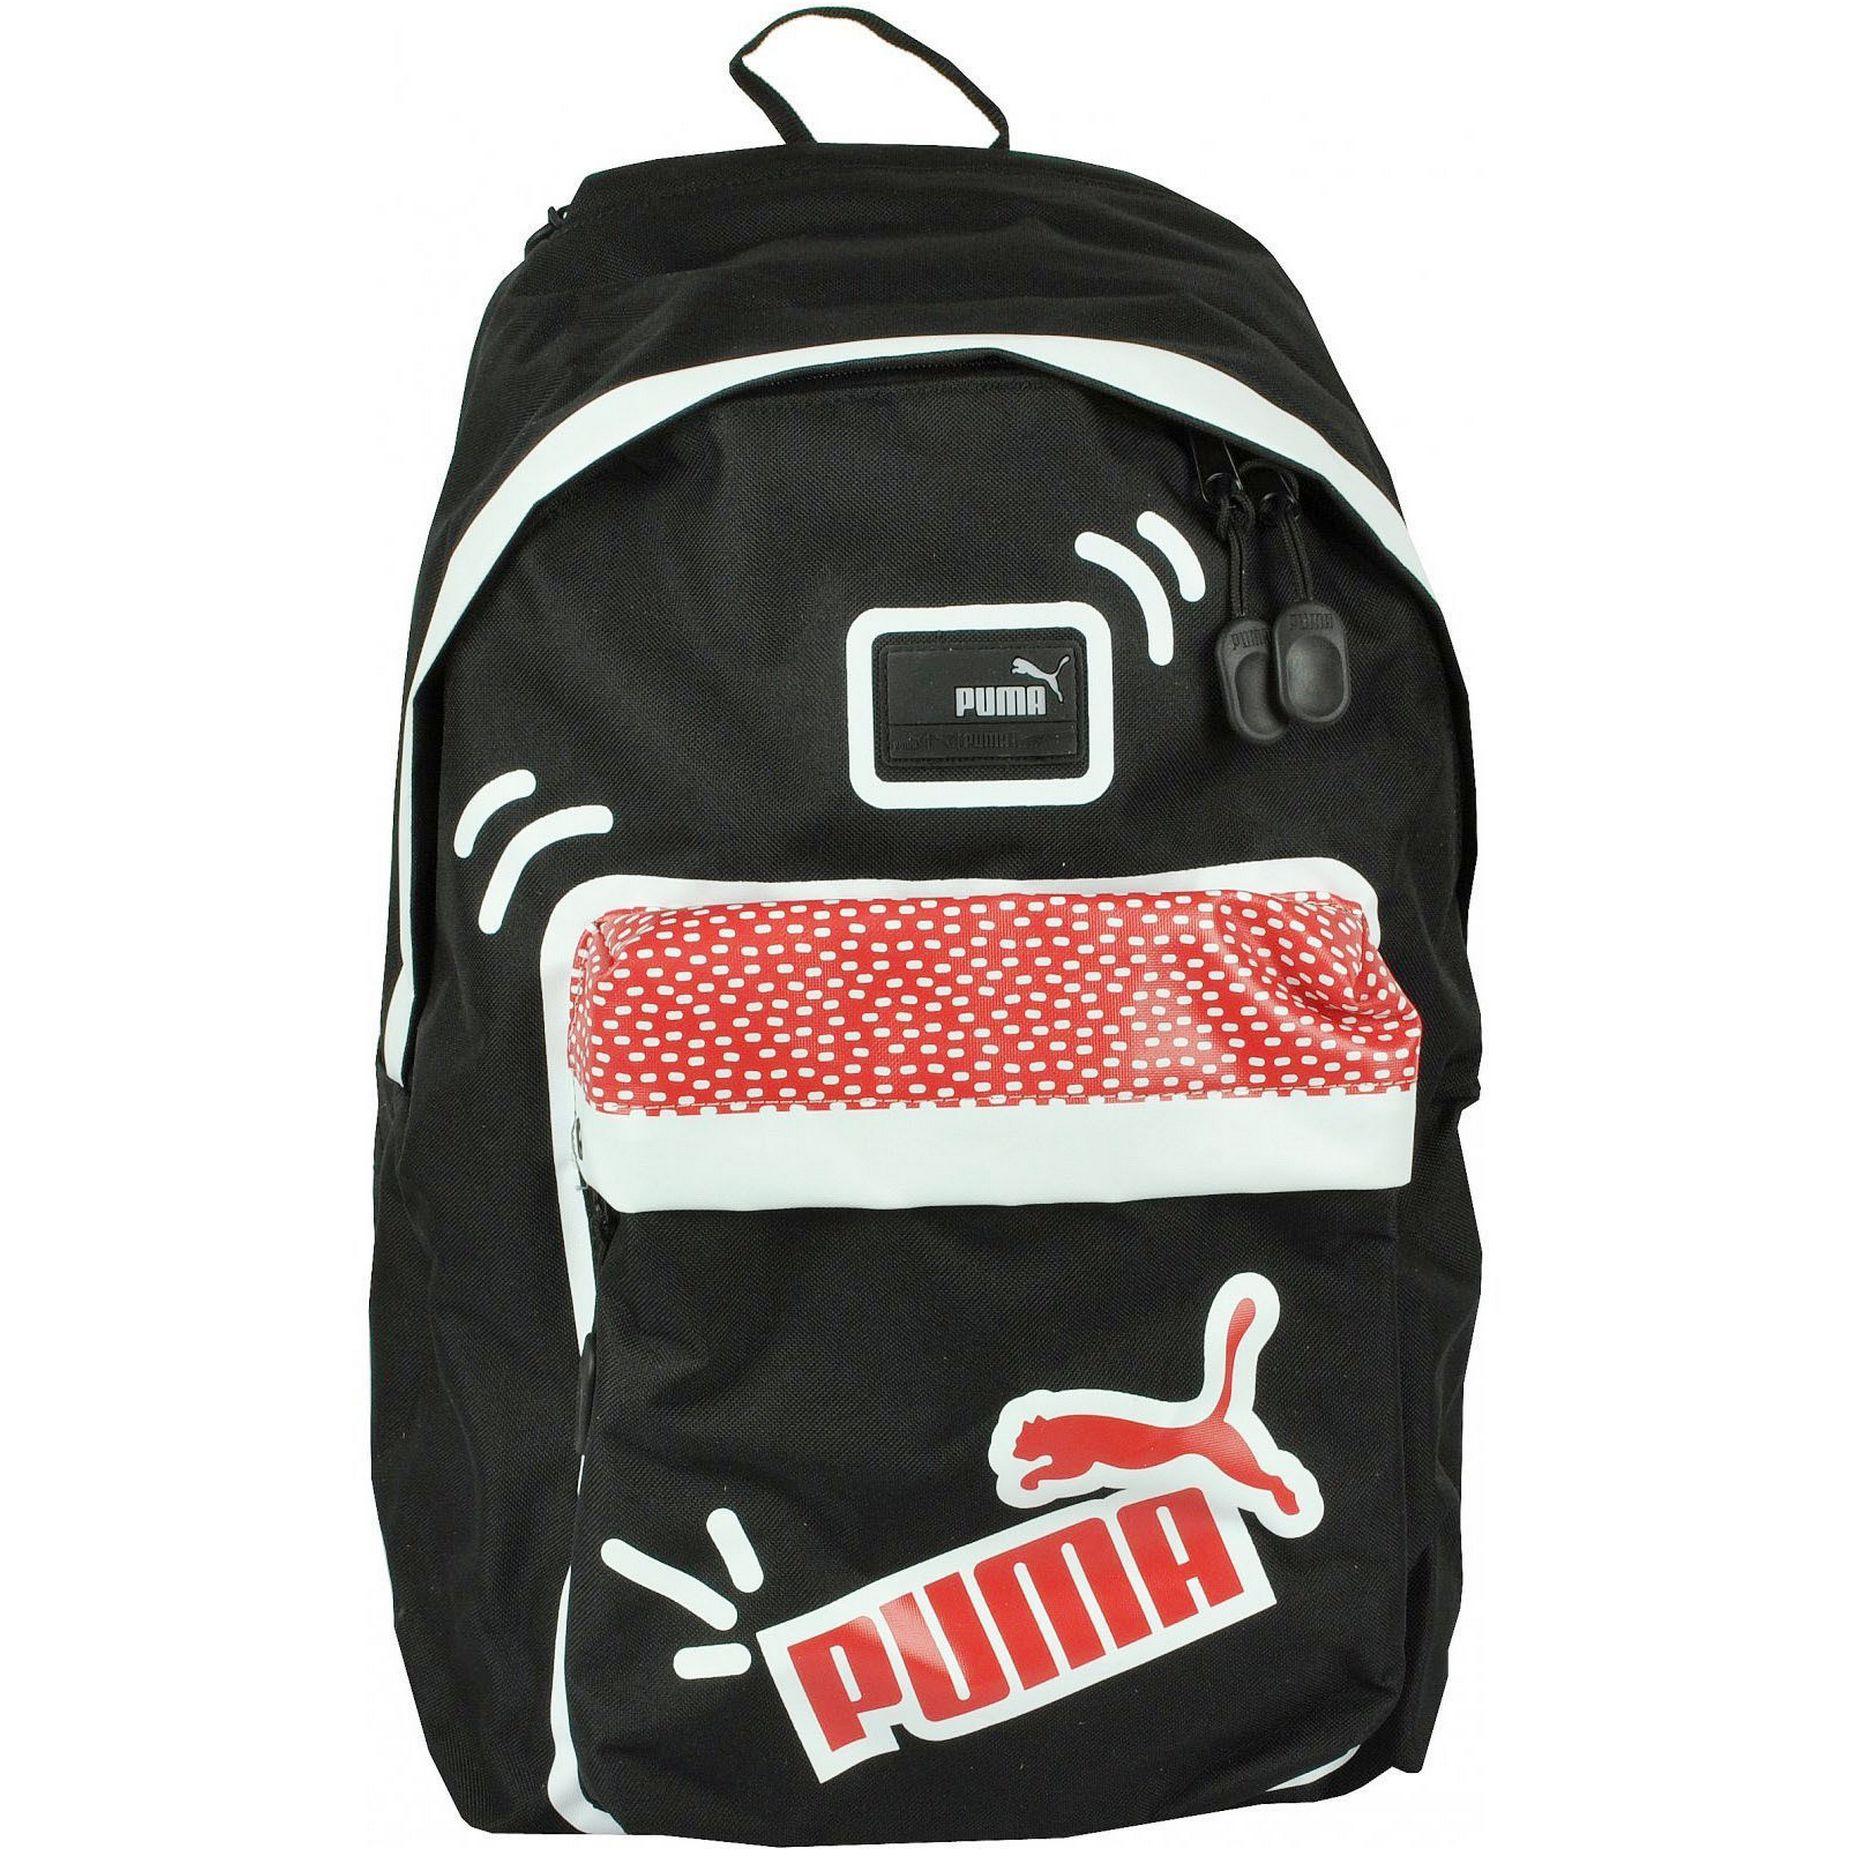 7ac5d7a559400 Plecak Szkolny Puma Foundation Backpack (068124-06) 1089